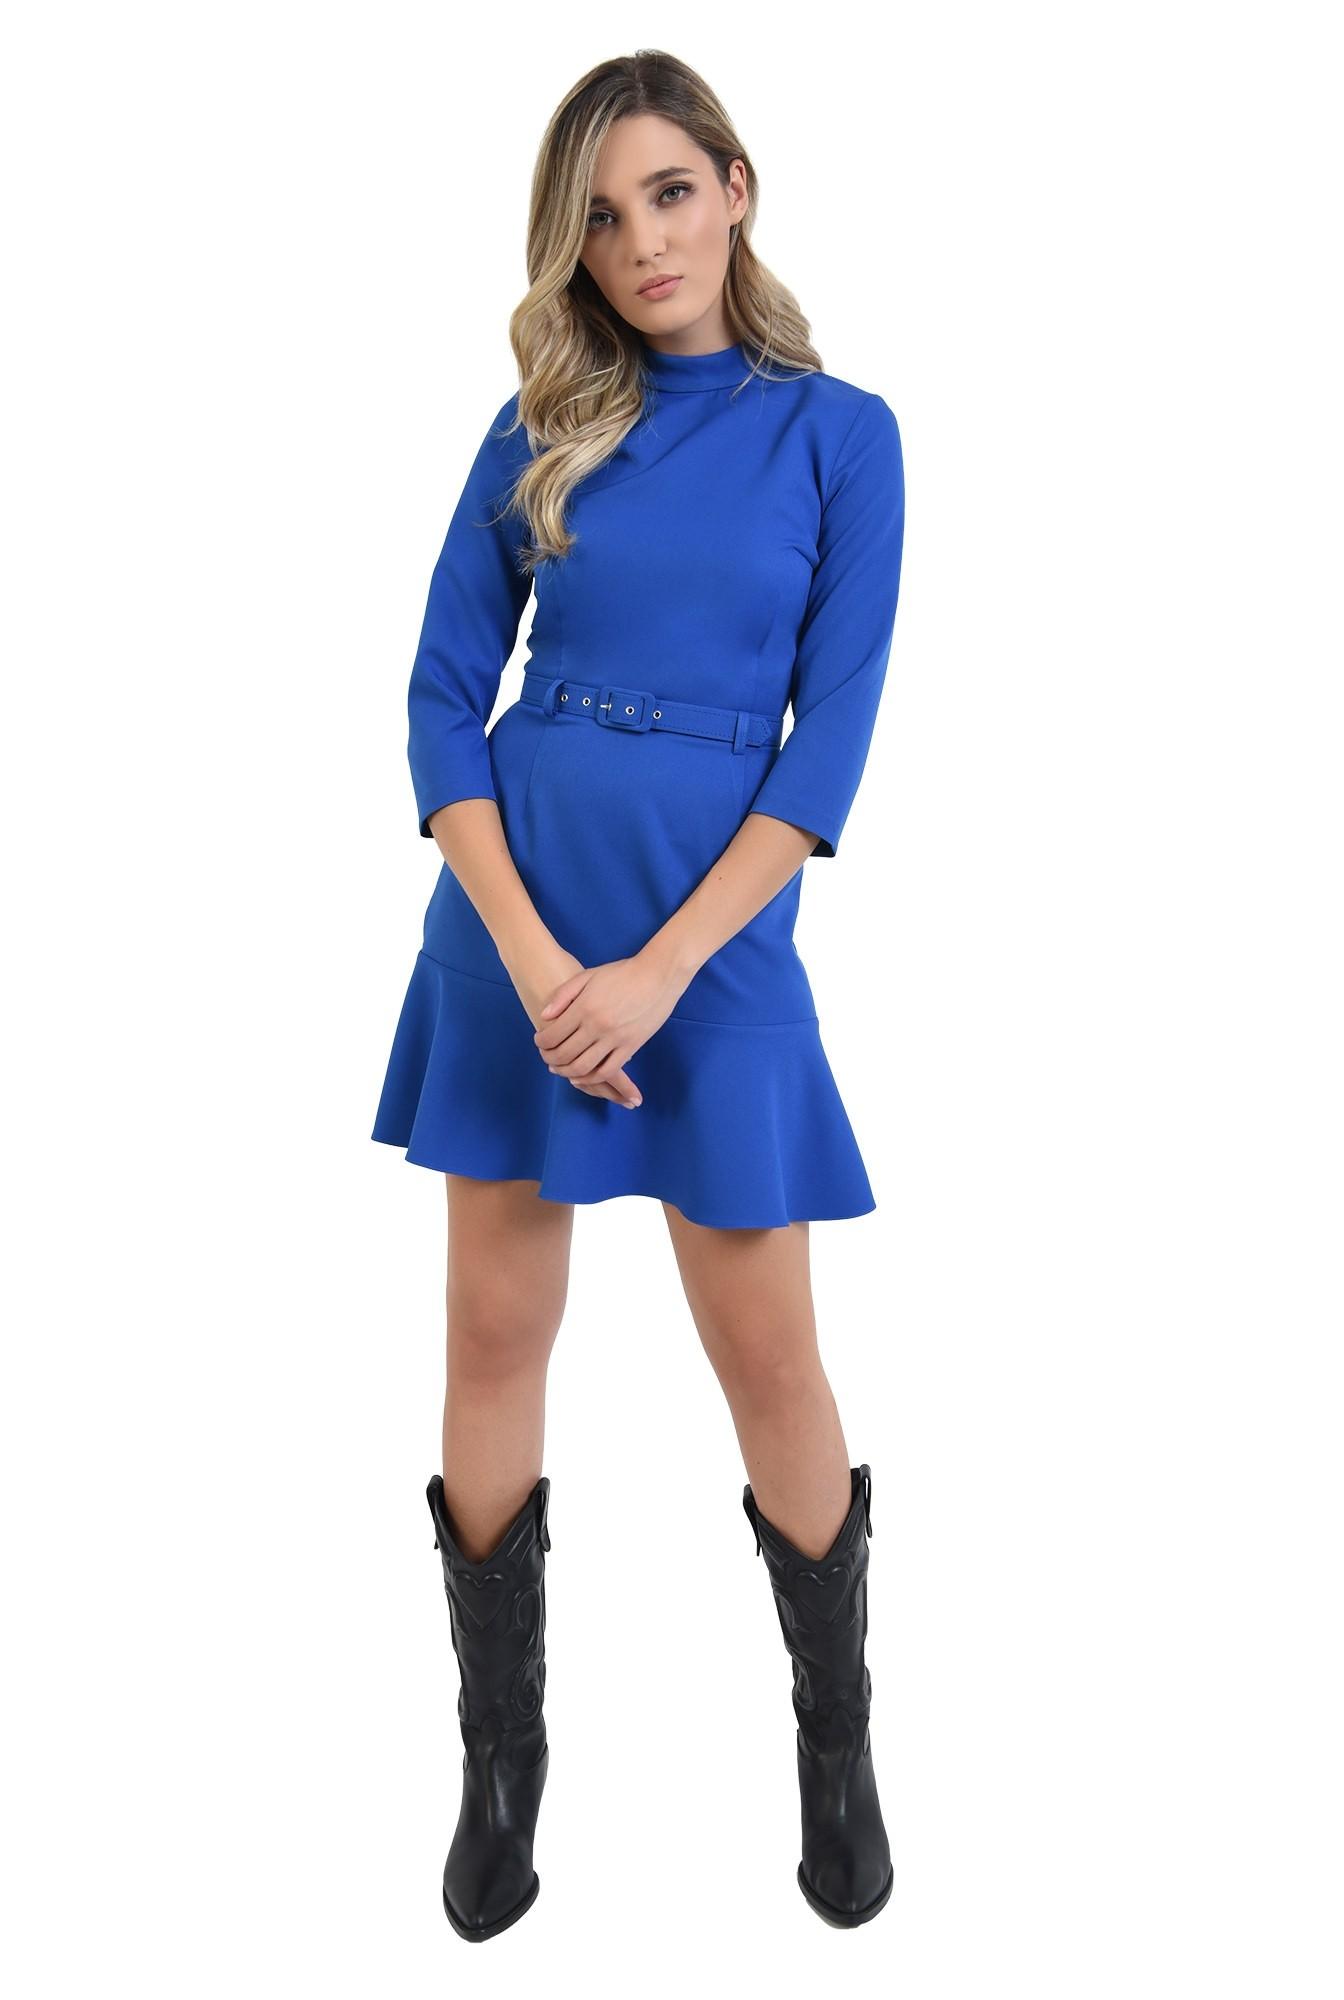 360 - rochie mini, albastra, cu volan, cu guler inalt